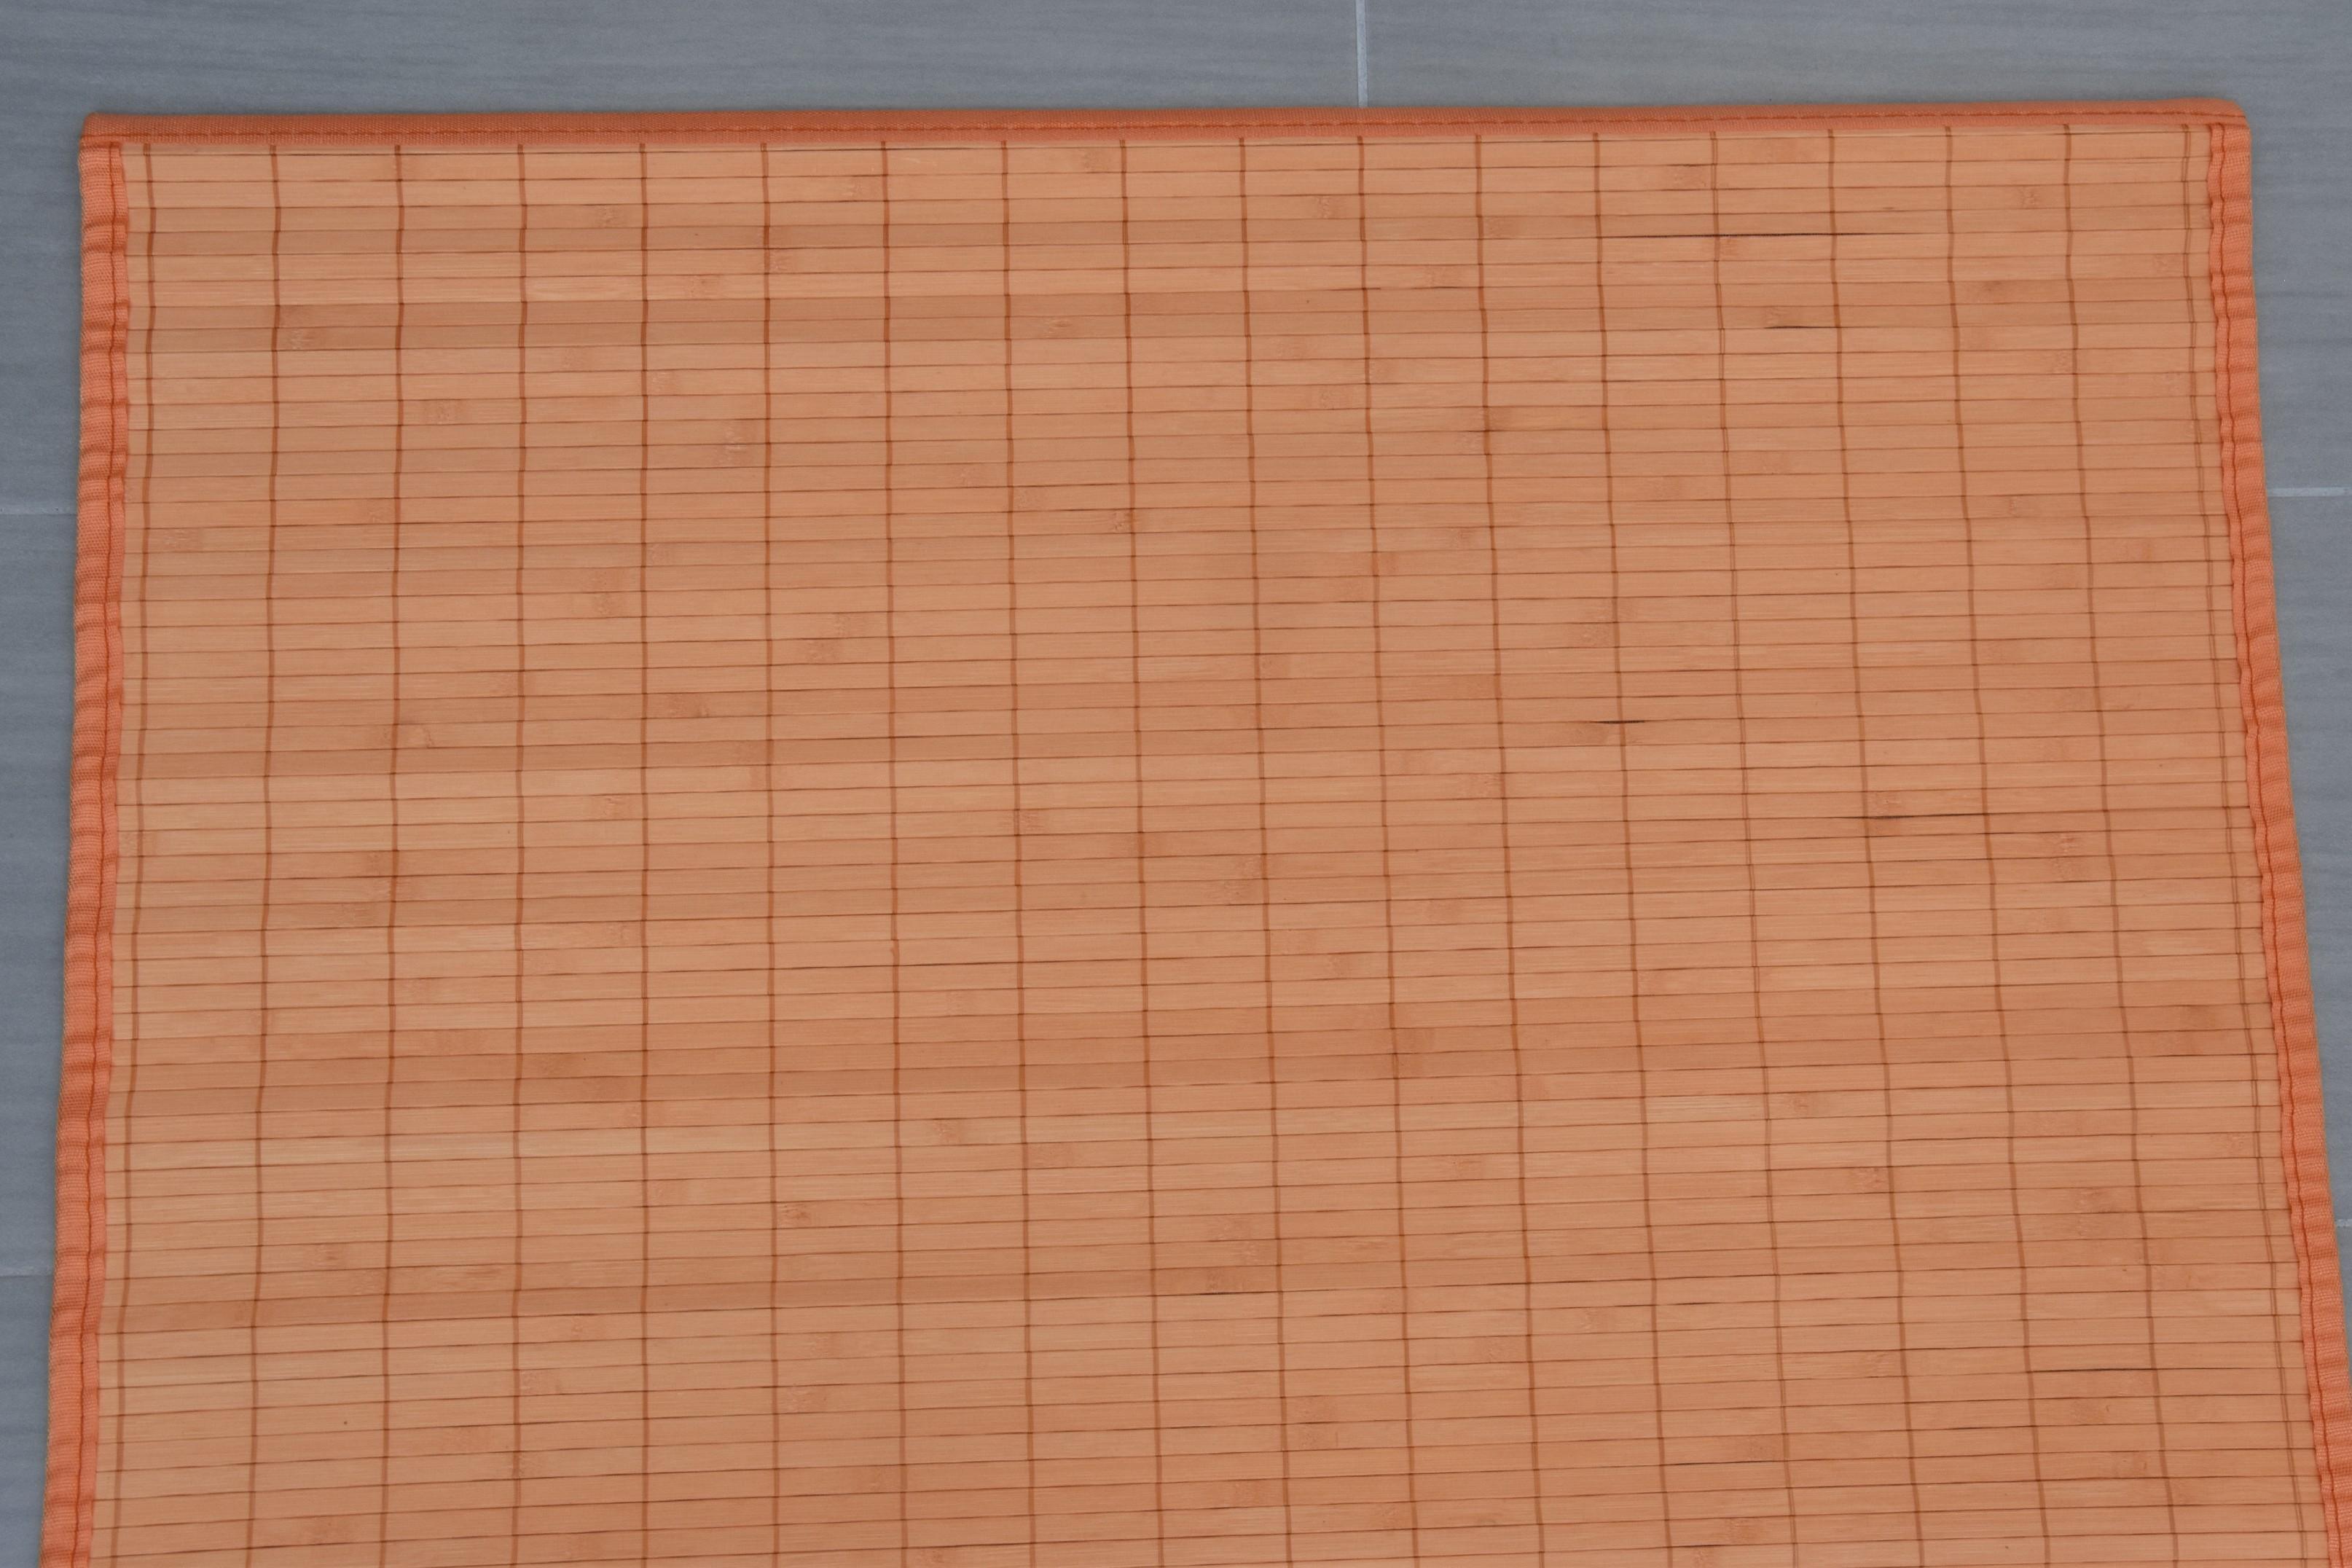 Rohož za postel oranžová Šířka rohože: 70 cm, Délka rohože: 200 cm